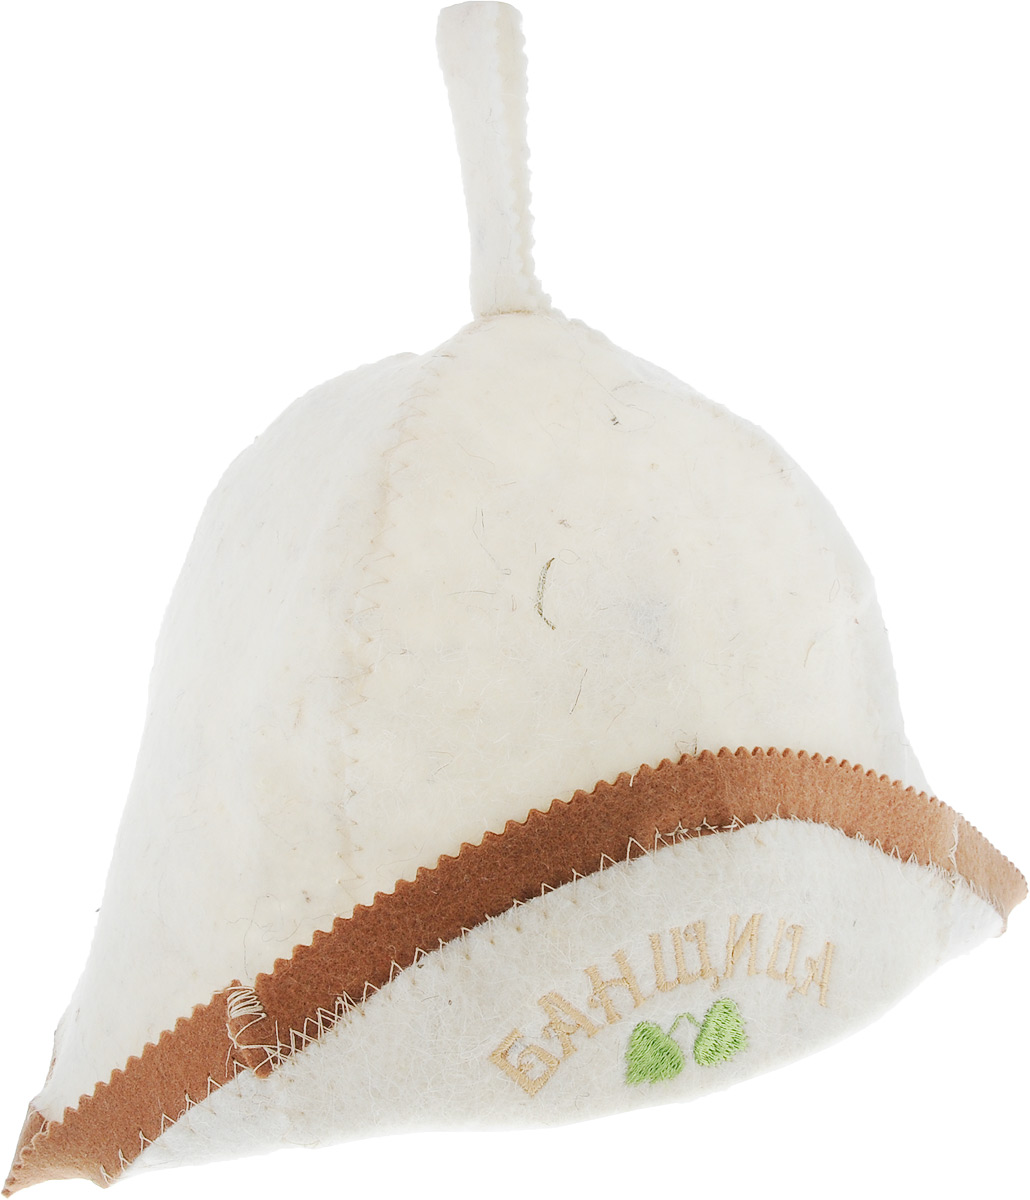 Шапка для бани и сауны Банщица, с отворотом, цвет: бежевый, серый шапки для бани метиз шапка для бани с вышивкой в косметичке адмирал бани